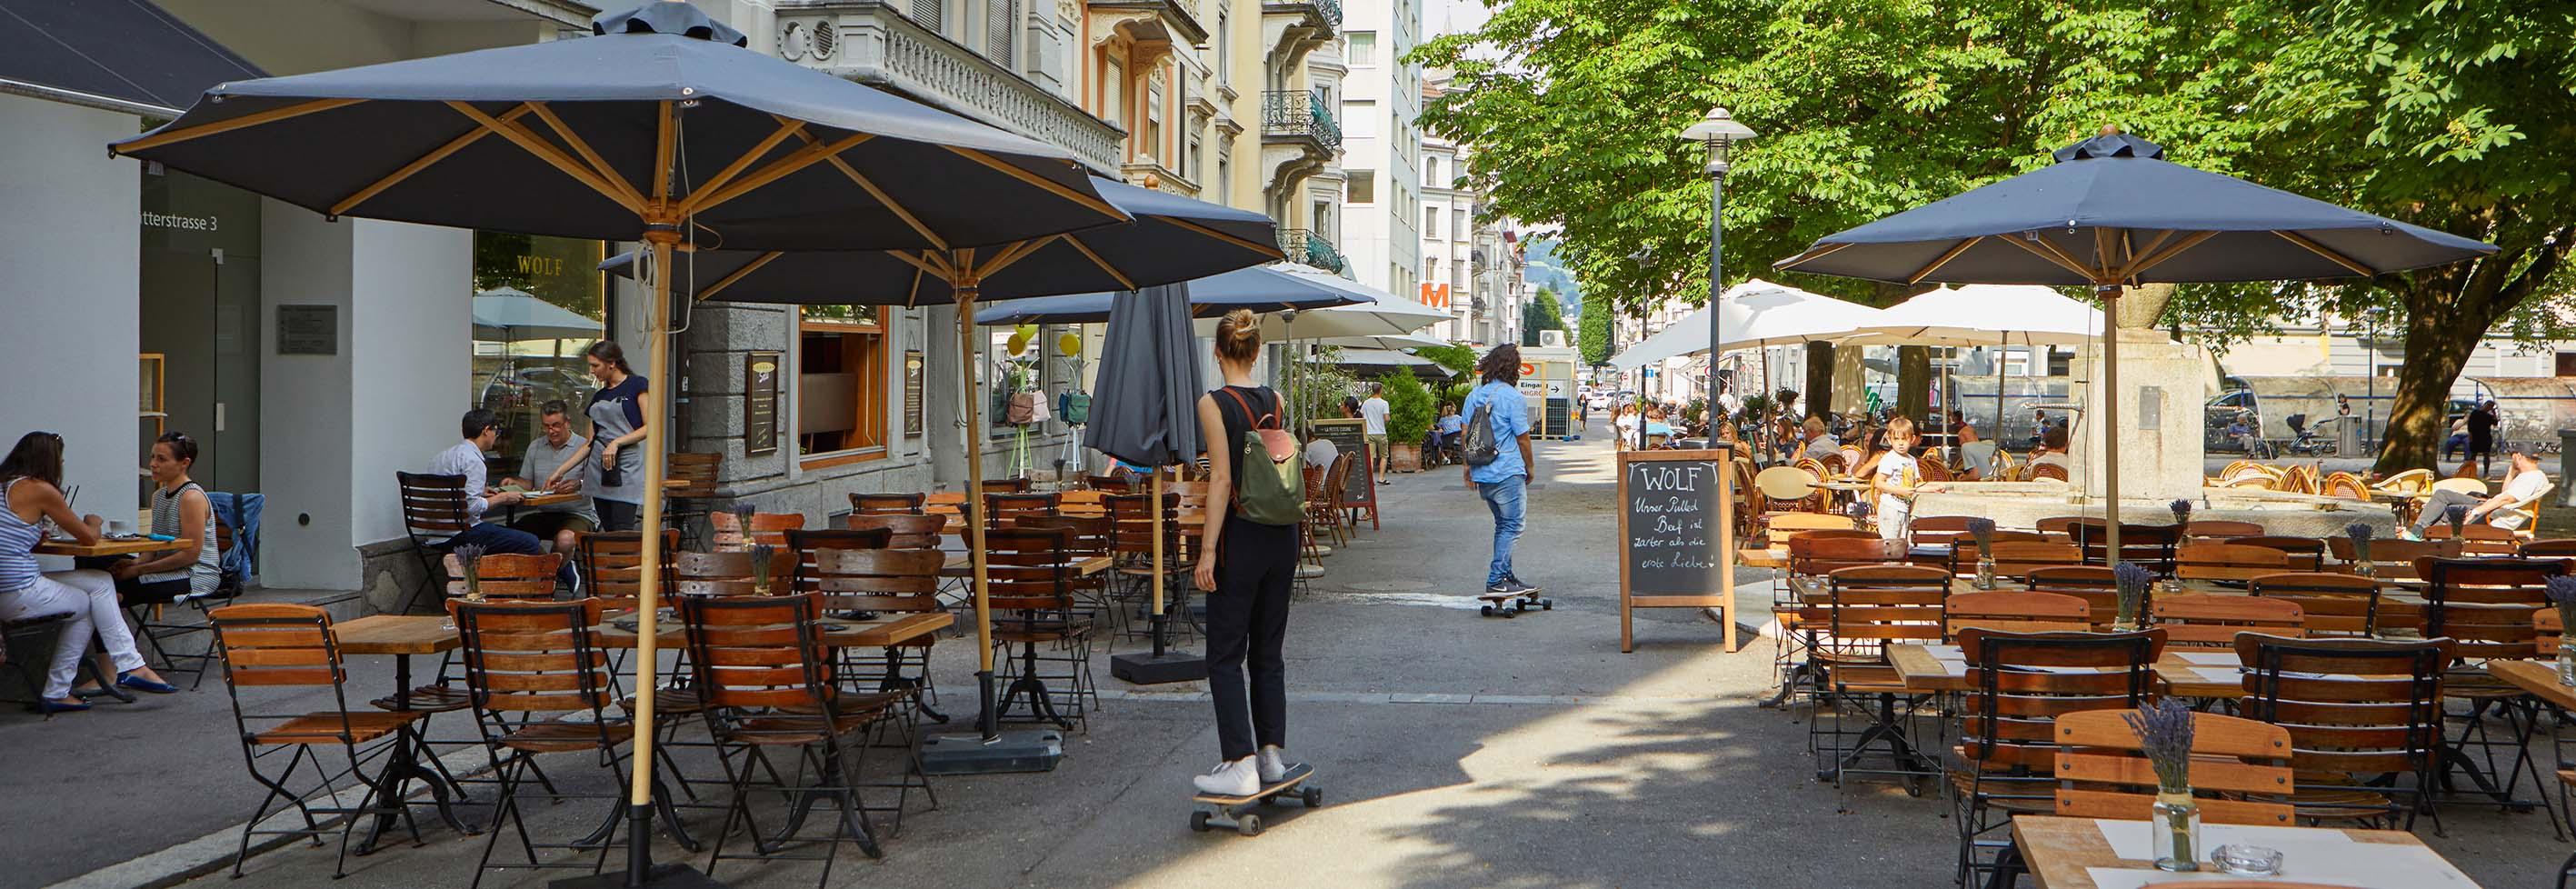 Quartier- und Stadtteilpolitik